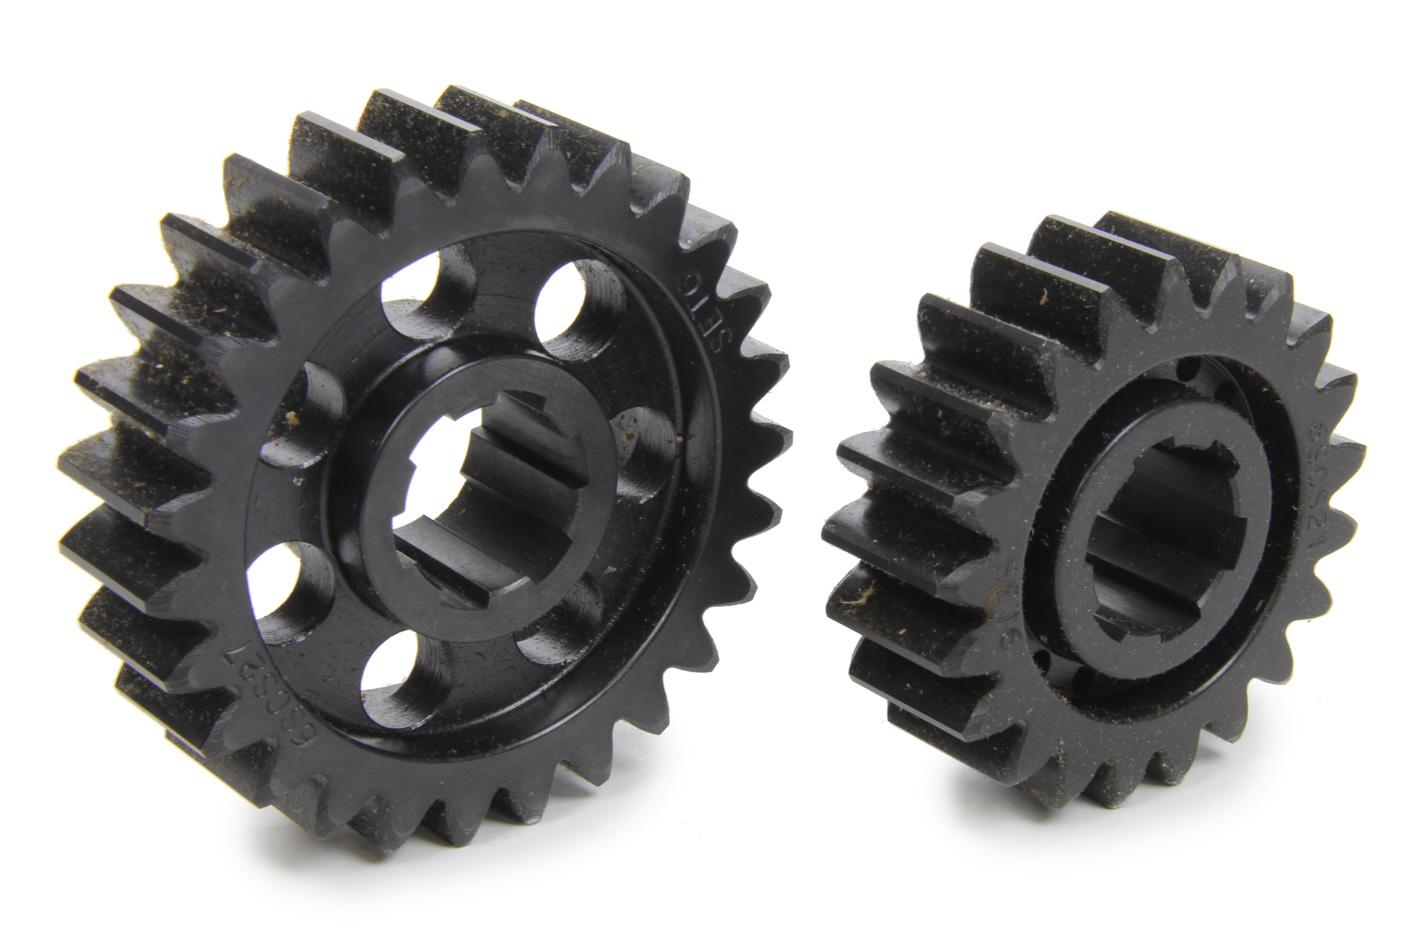 SCS Gears 66 Quick Change Gear Set, Professional, Set 66, 6 Spline, 4.11 Ratio 3.20 / 5.28, 4.33 Ratio 3.37 / 5.57, Steel, Each